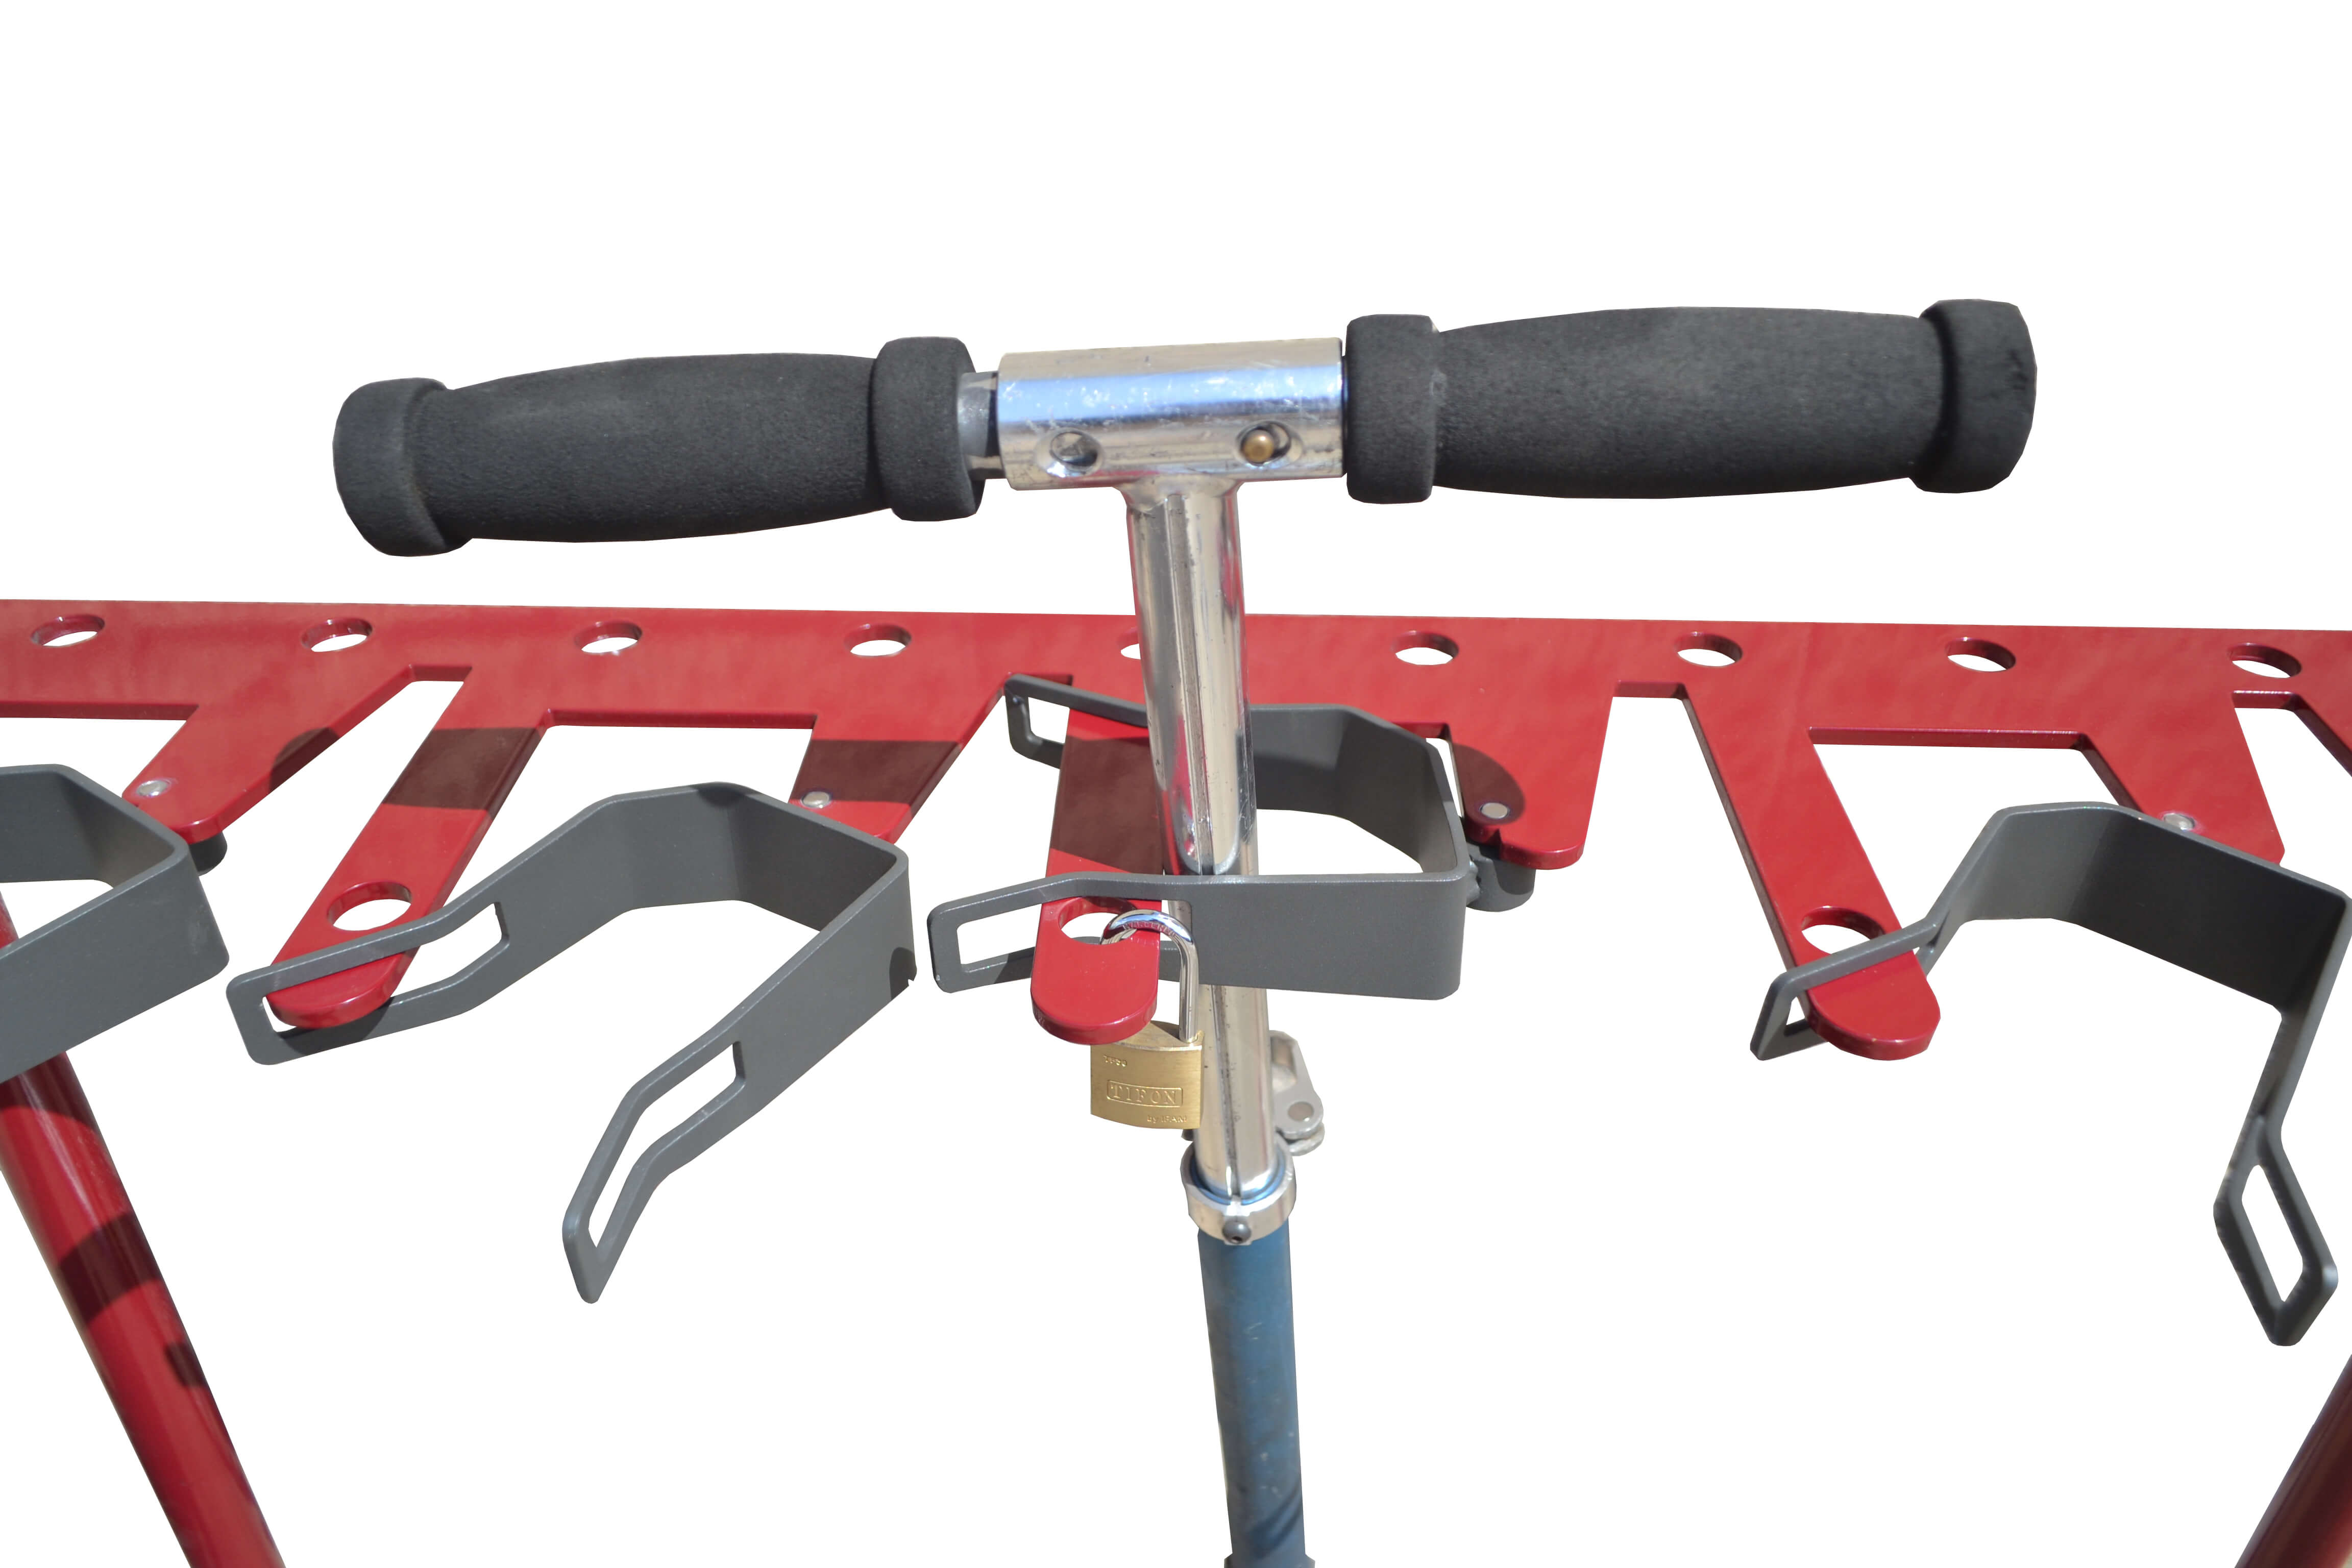 Scooter rode steprekjes eenvoudig te plaatsen en te monteren op een schoolplein